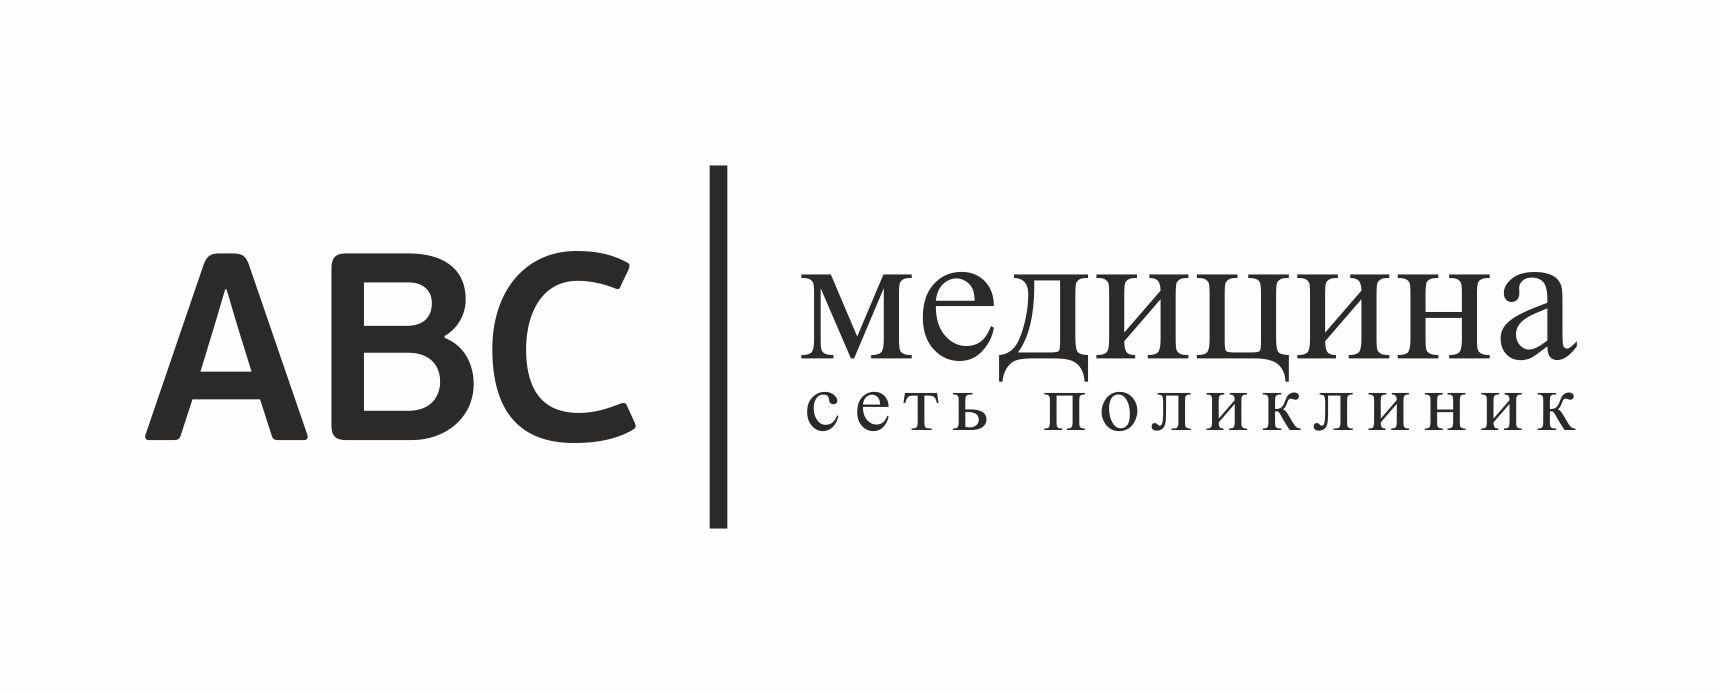 Семейная поликлиника «ABC медицина» у м. Коломенская